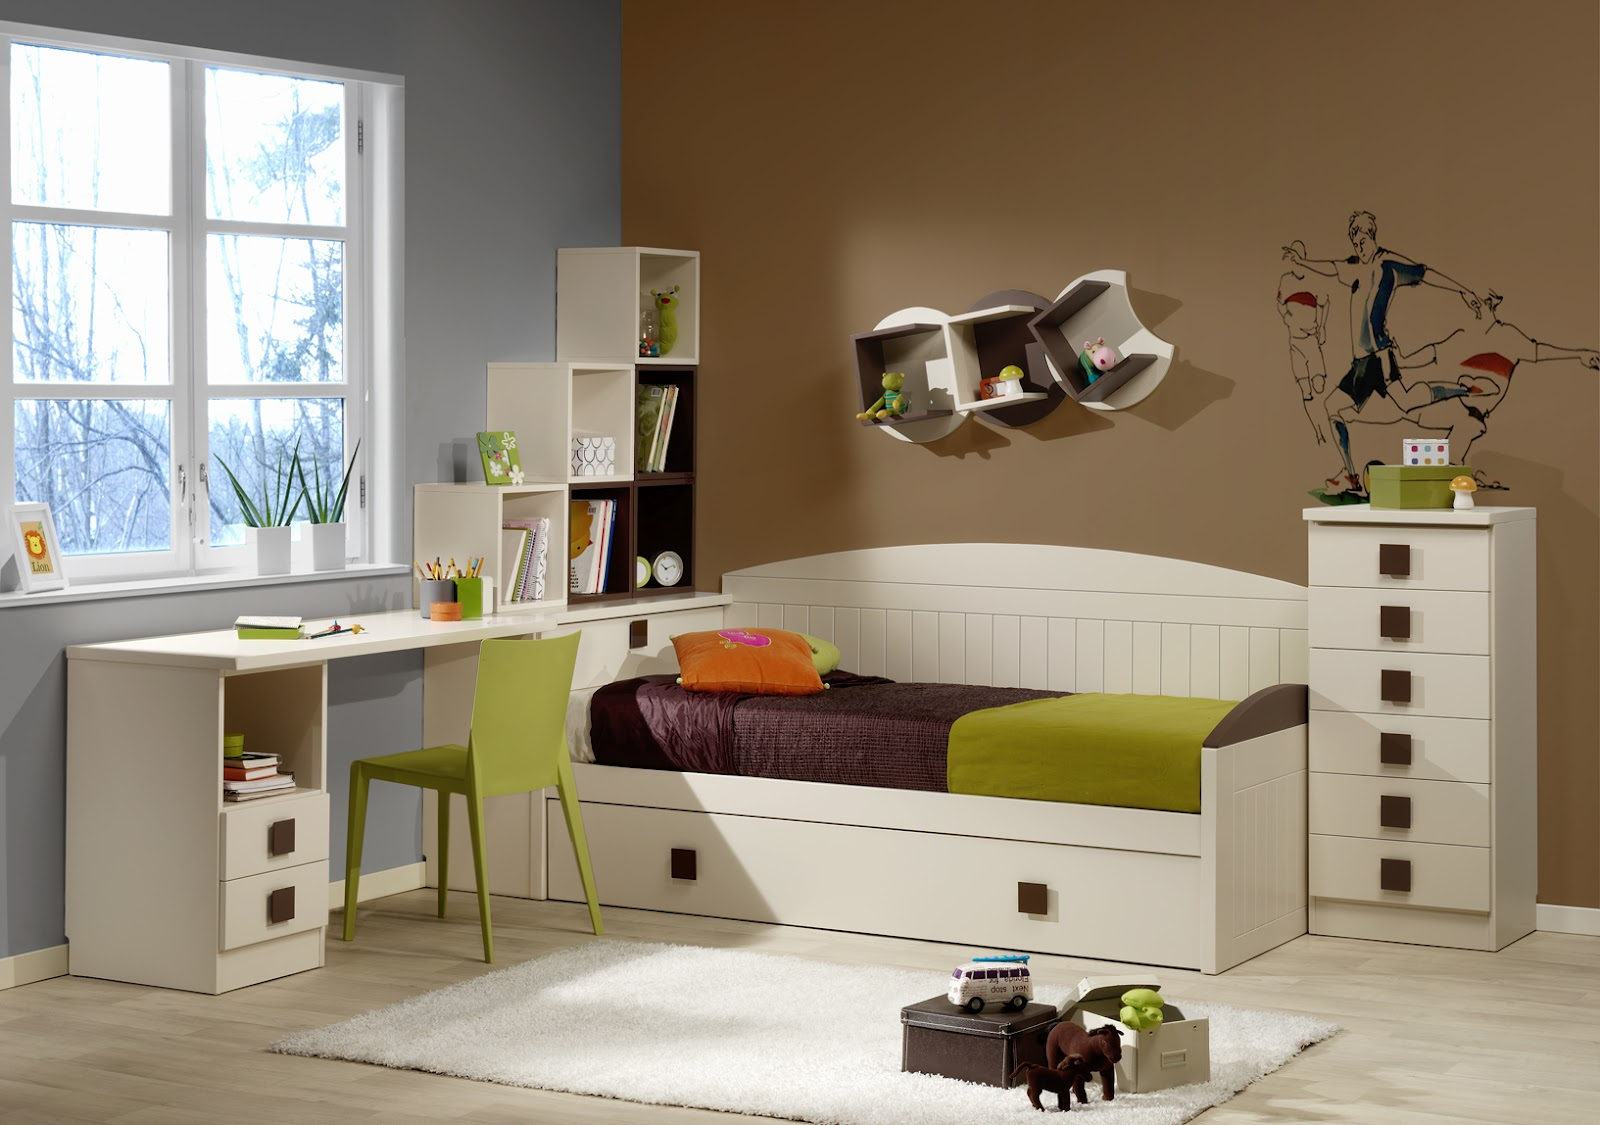 Dormitorios juveniles en madrid with dormitorios - Dormitorios juveniles en barcelona ...